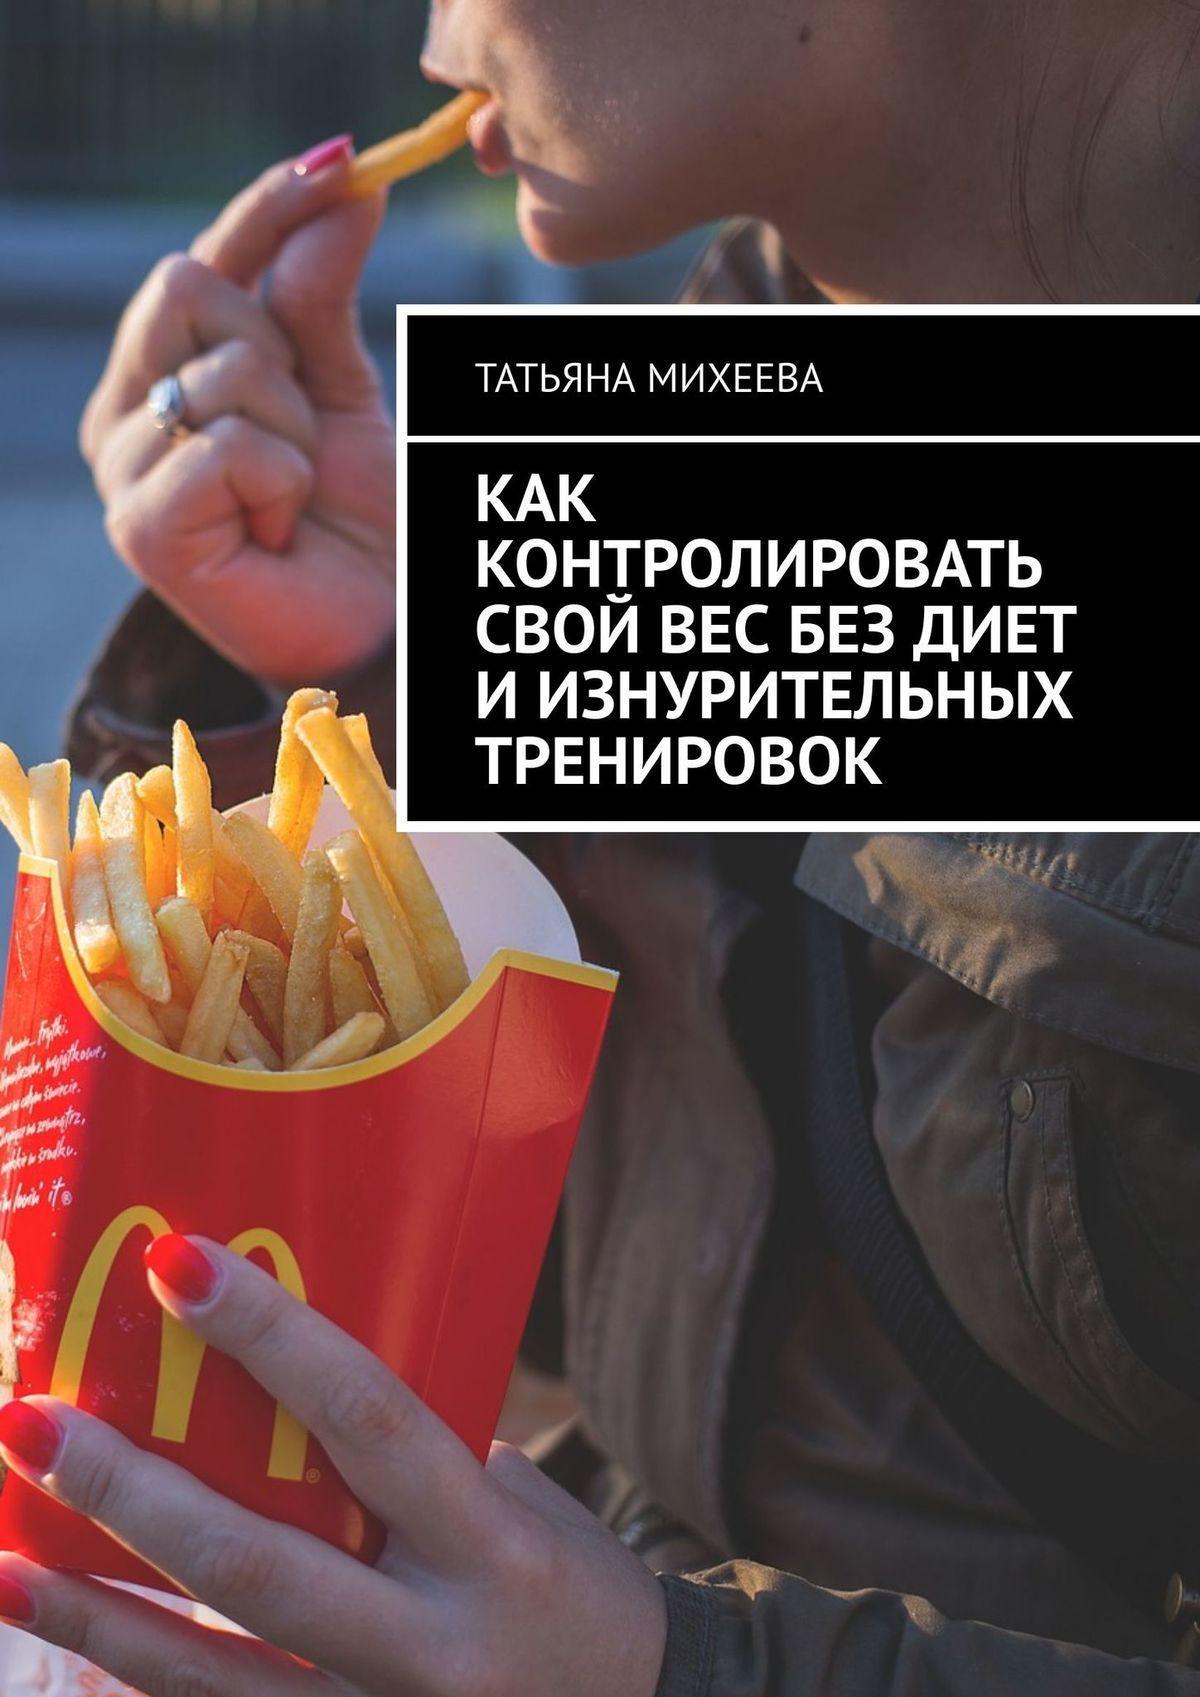 Татьяна Михеева - Как контролировать свой вес без диет и изнурительных тренировок